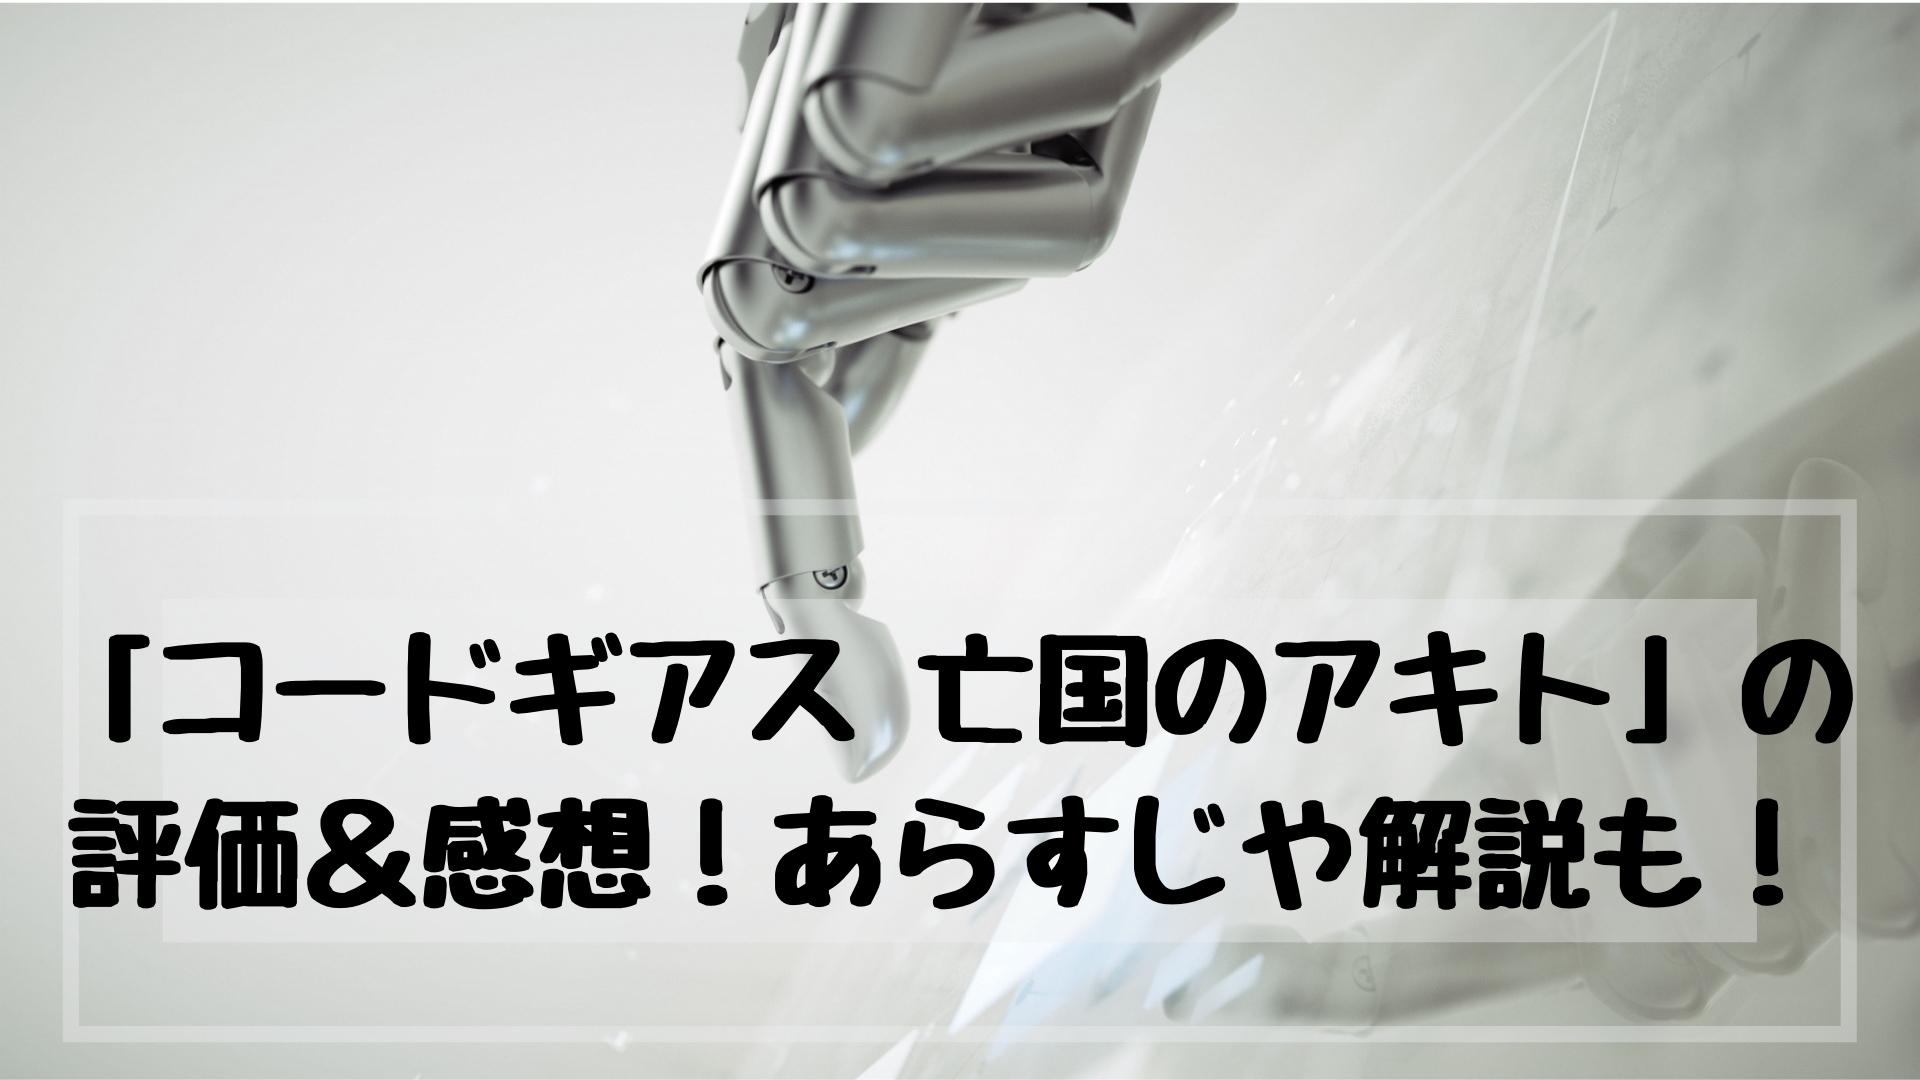 コードギアス亡国のアキト、評価・感想・あらすじ・ネタバレ